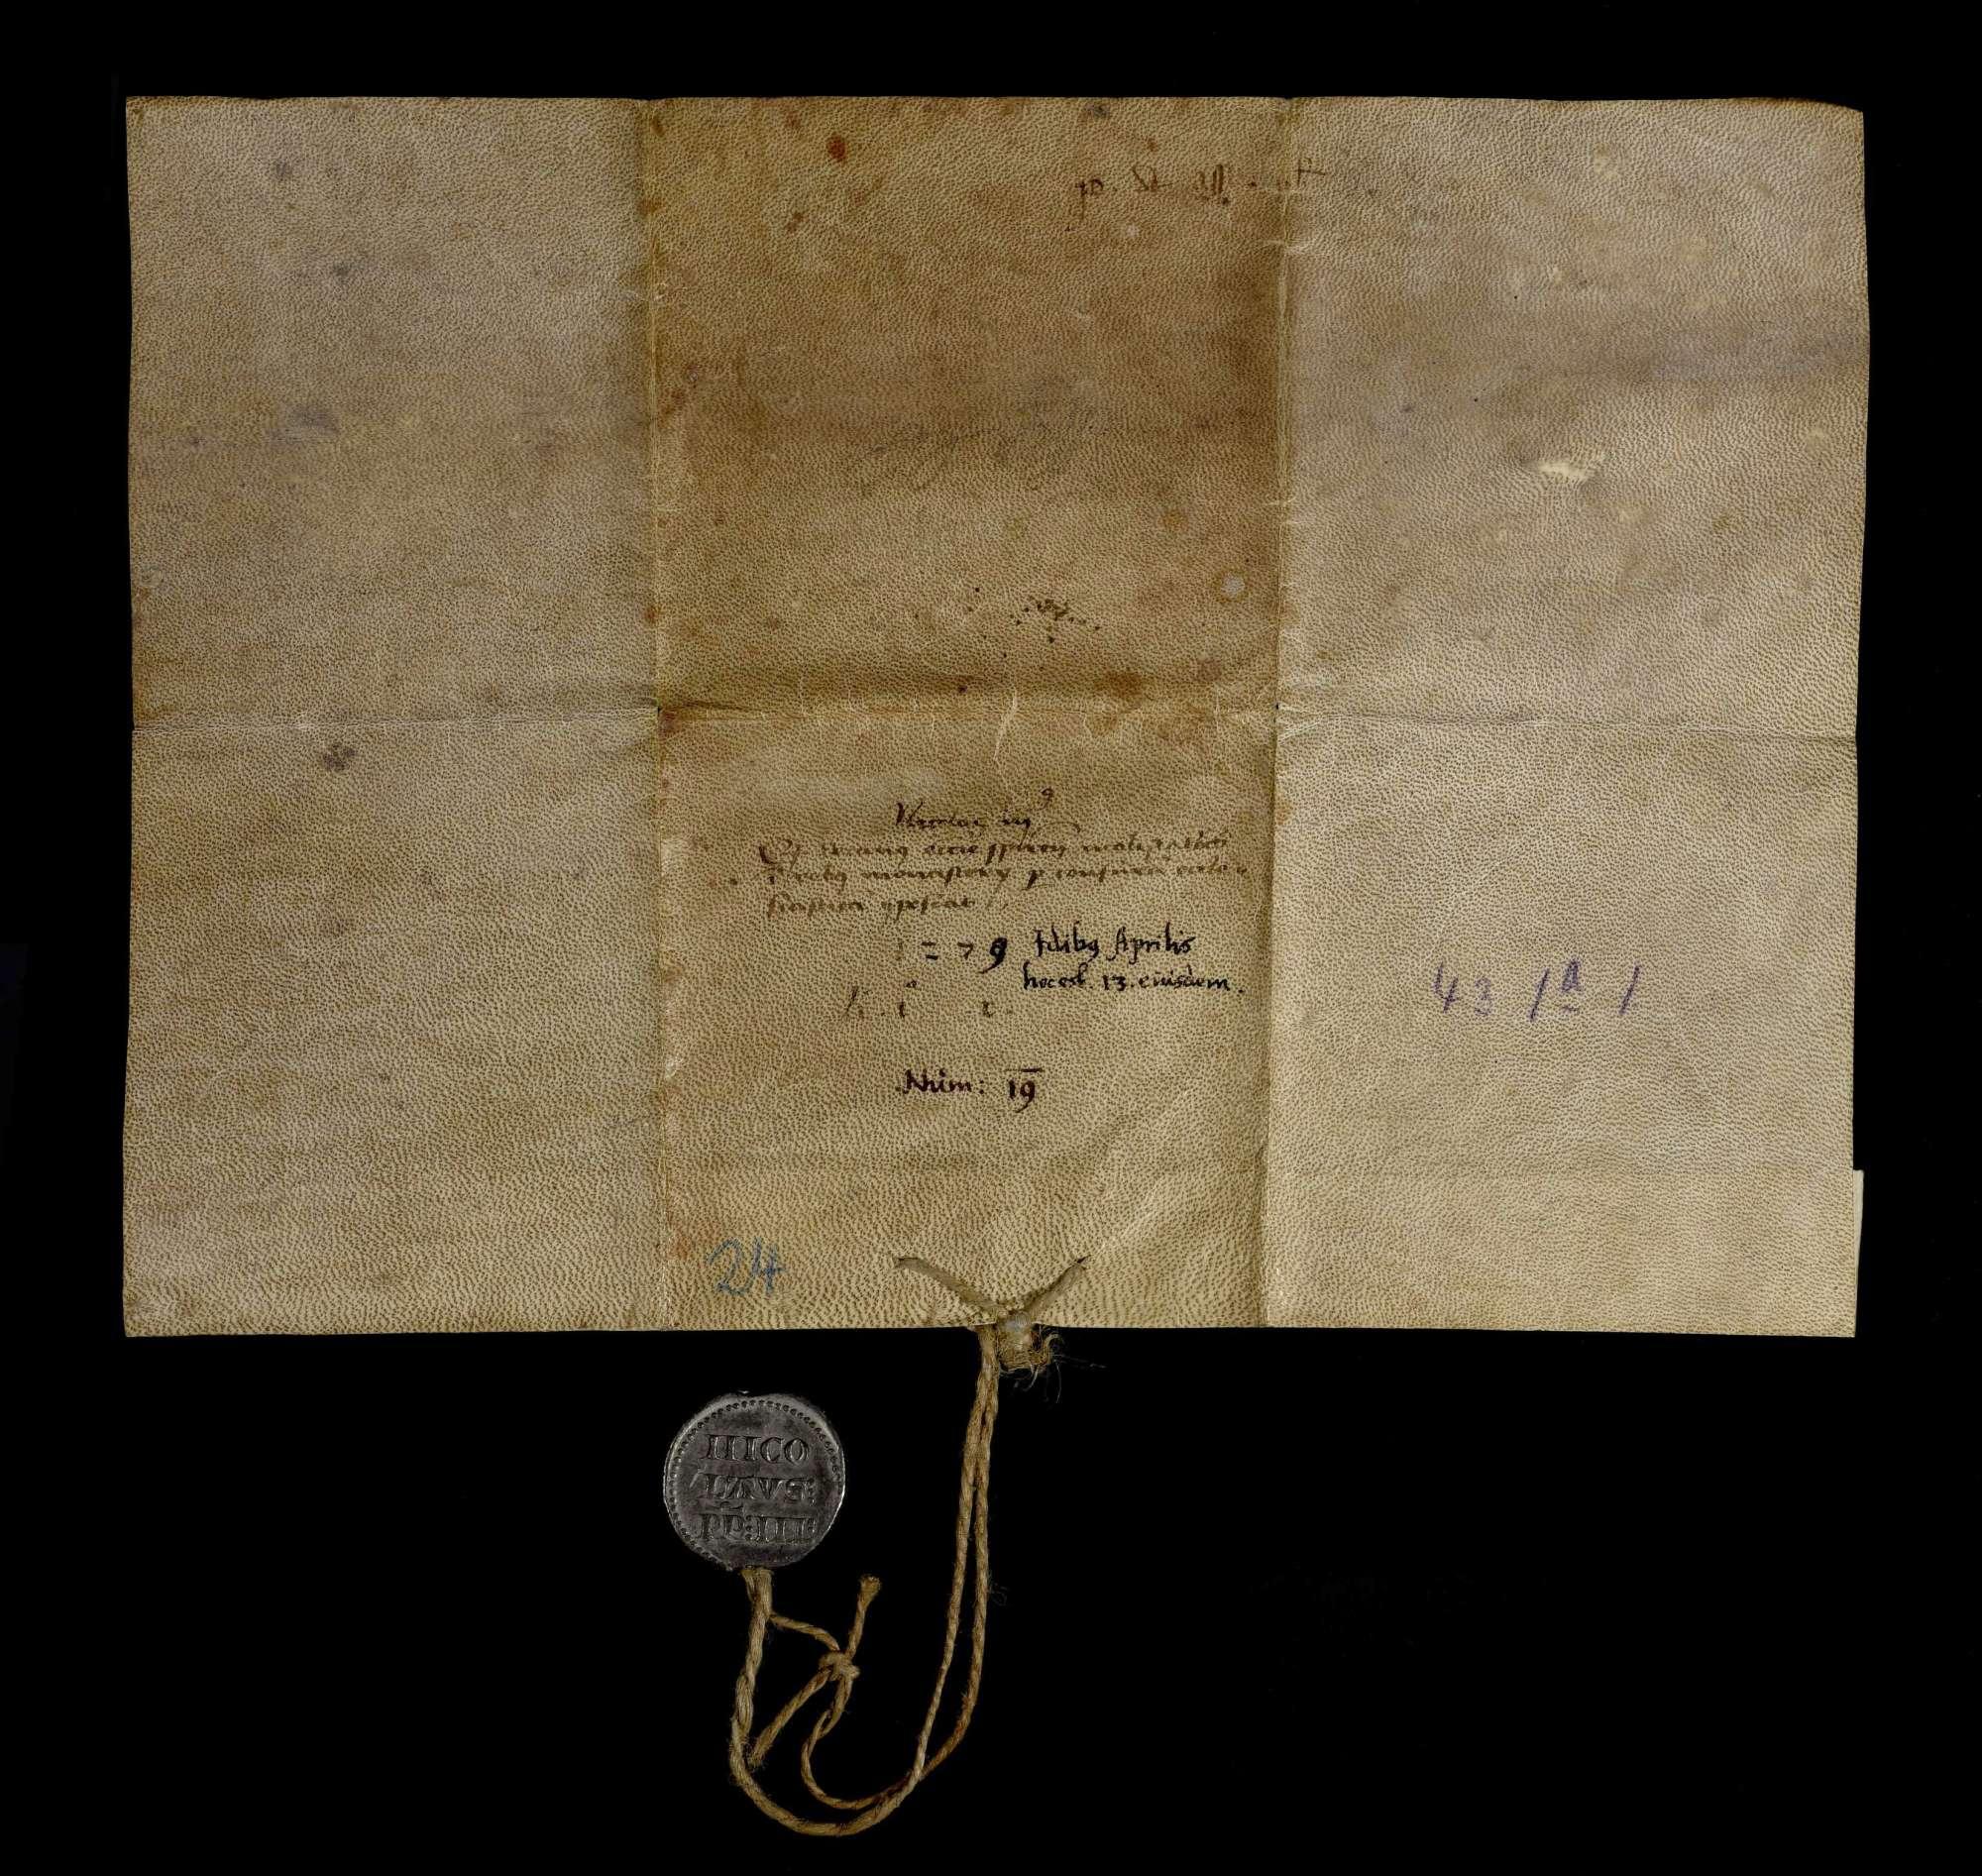 Papst Nikolaus III. bestätigt dem Kloster Herrenalb alle seine Rechtsbegünstigungen und Befreiungen von weltlichen Abgaben., v